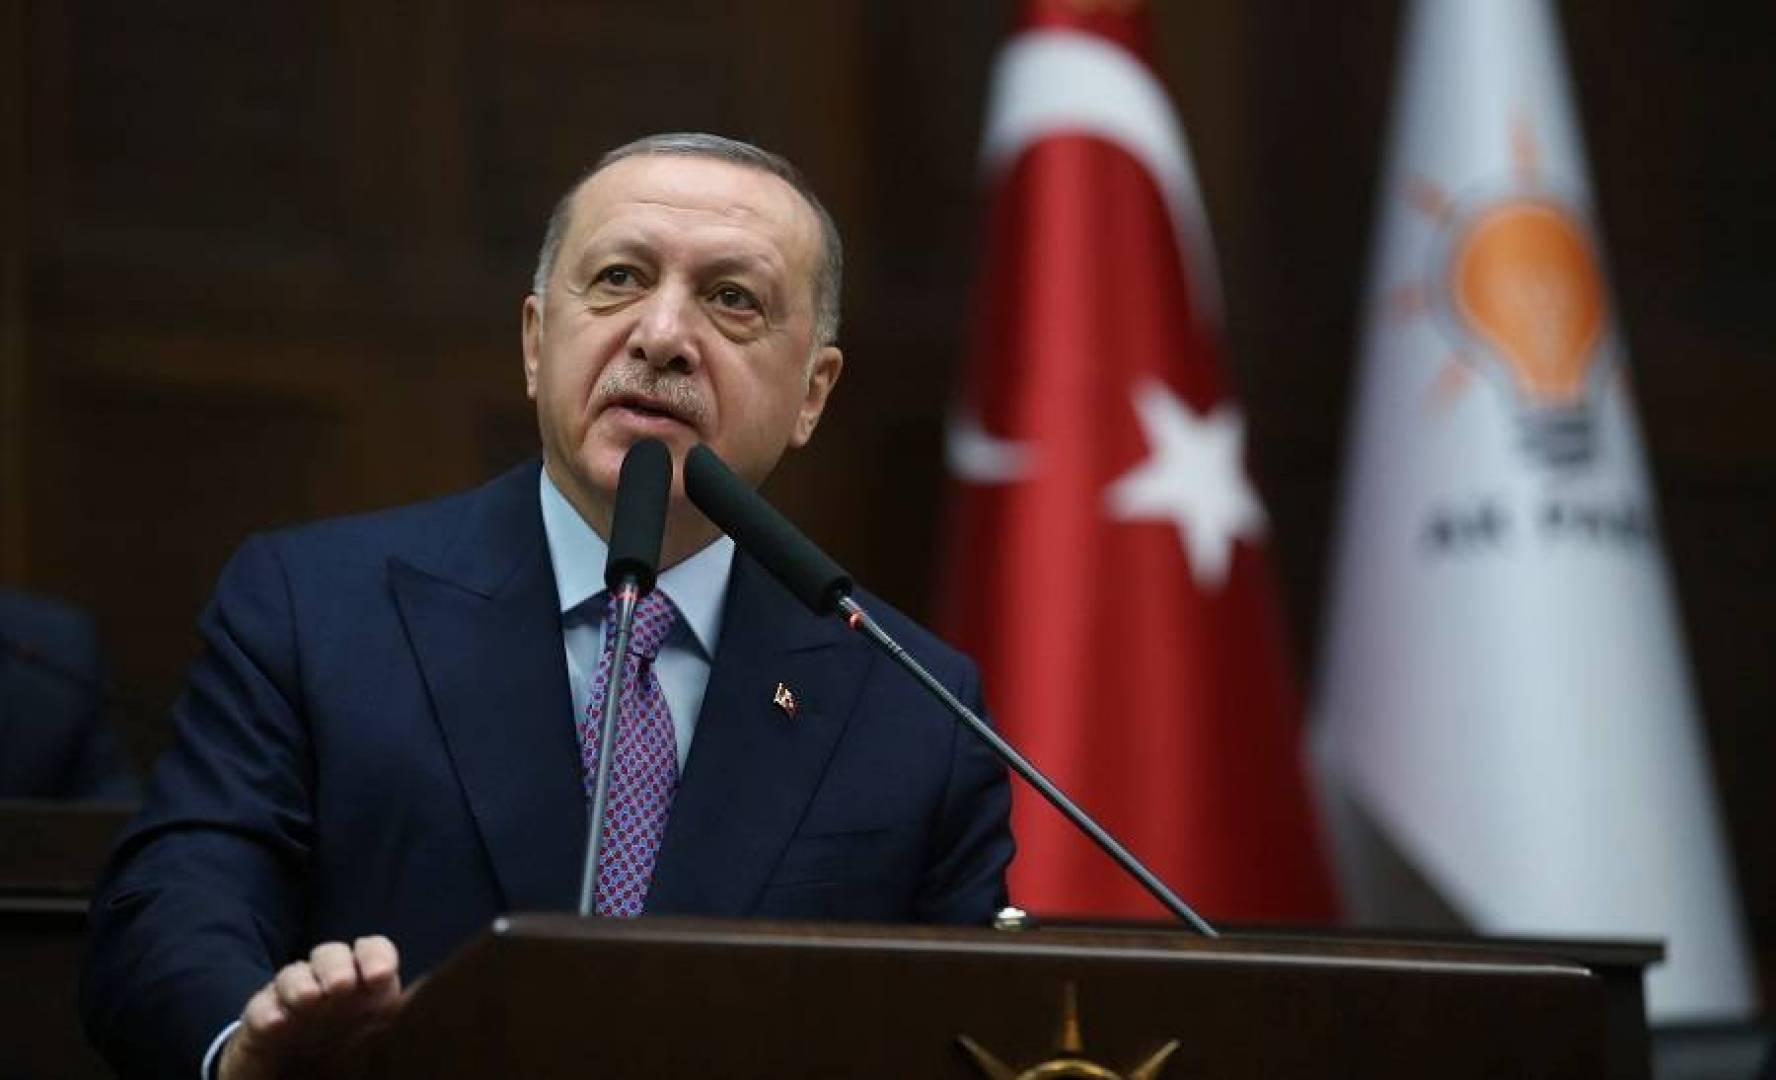 إردوغان: تركيا لن تتراجع قيد أنملة في إدلب